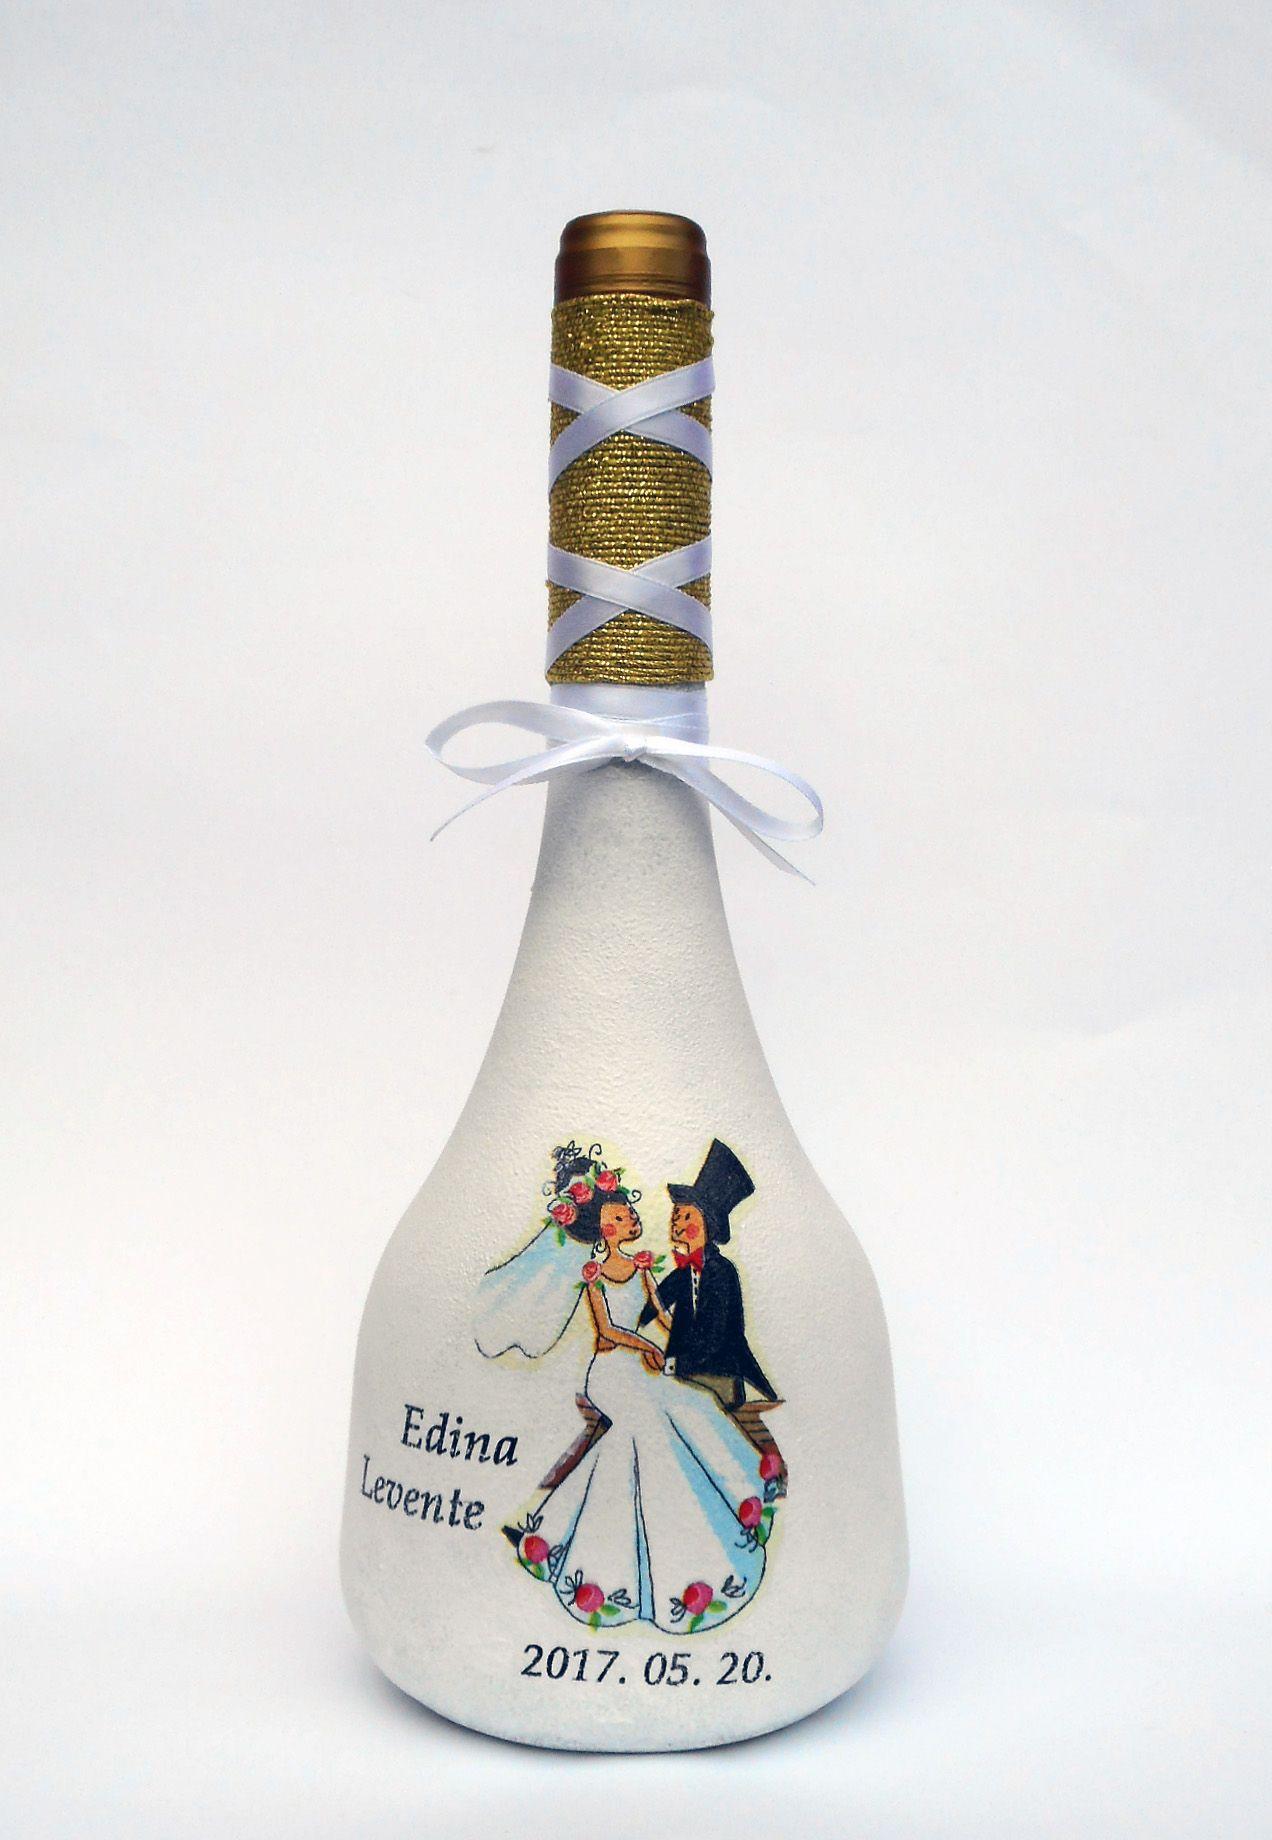 Egyedi, kézzel festett borosüveg, szülőköszöntő ajándék apukáknak